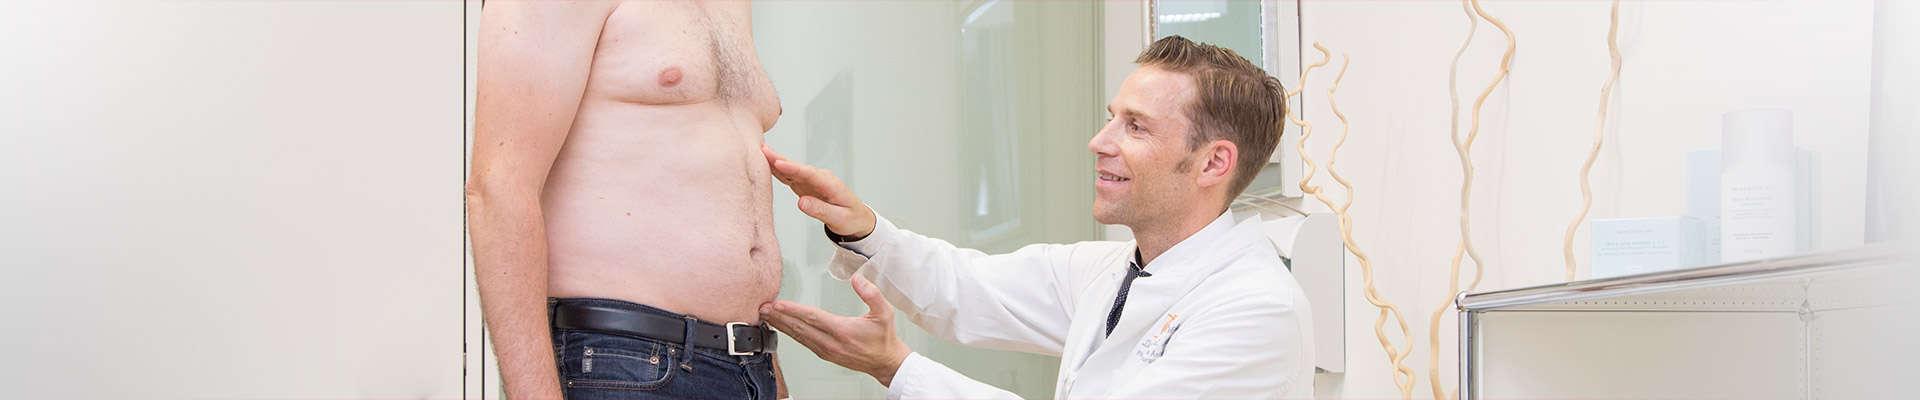 Plastische-und-Aesthetische-Chirurgie-1